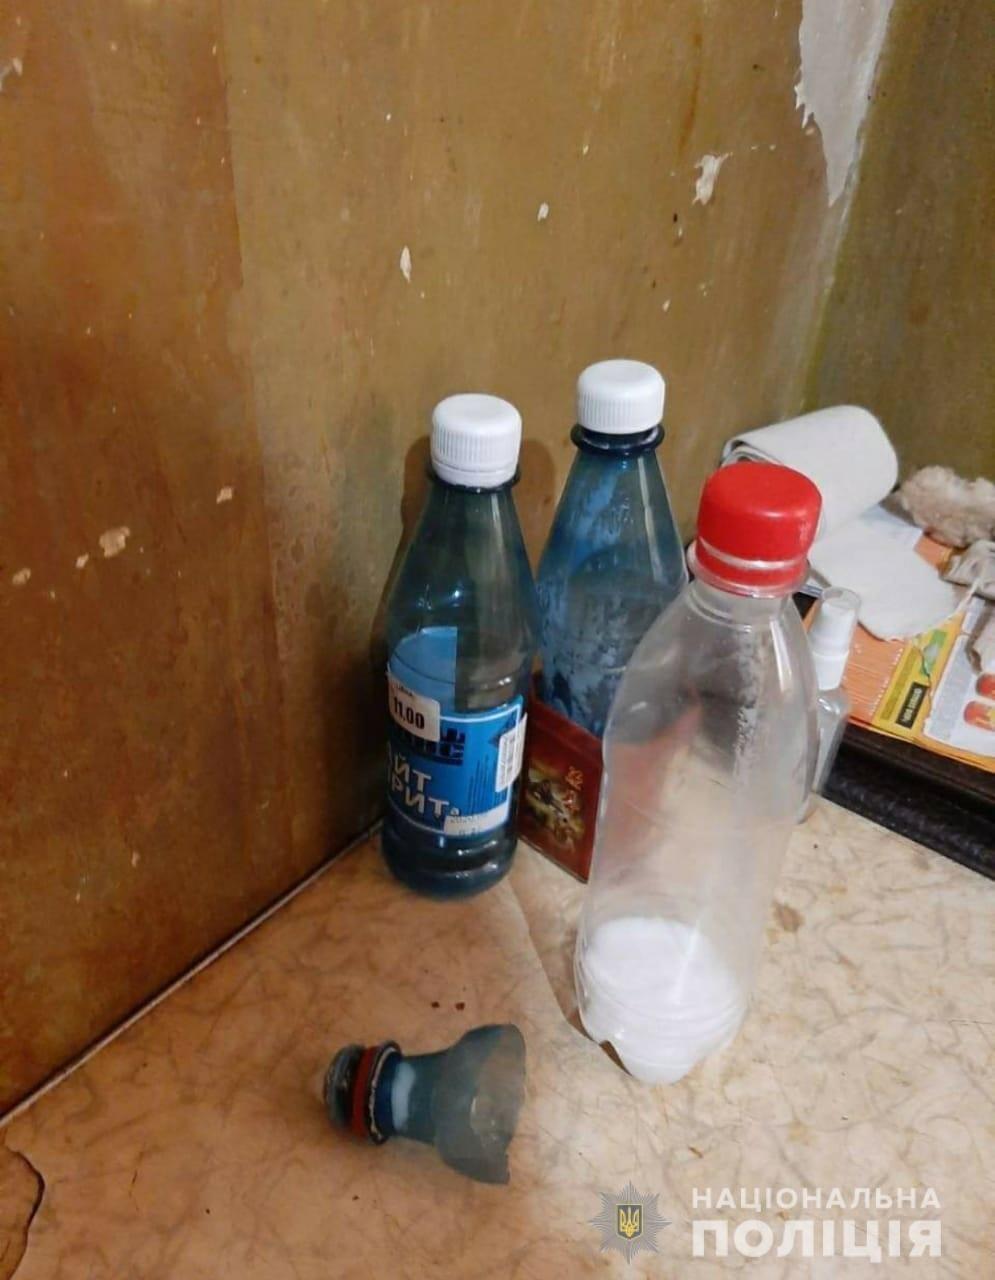 В Днепропетровской области обнаружили наркопритон, - ФОТО, фото-2